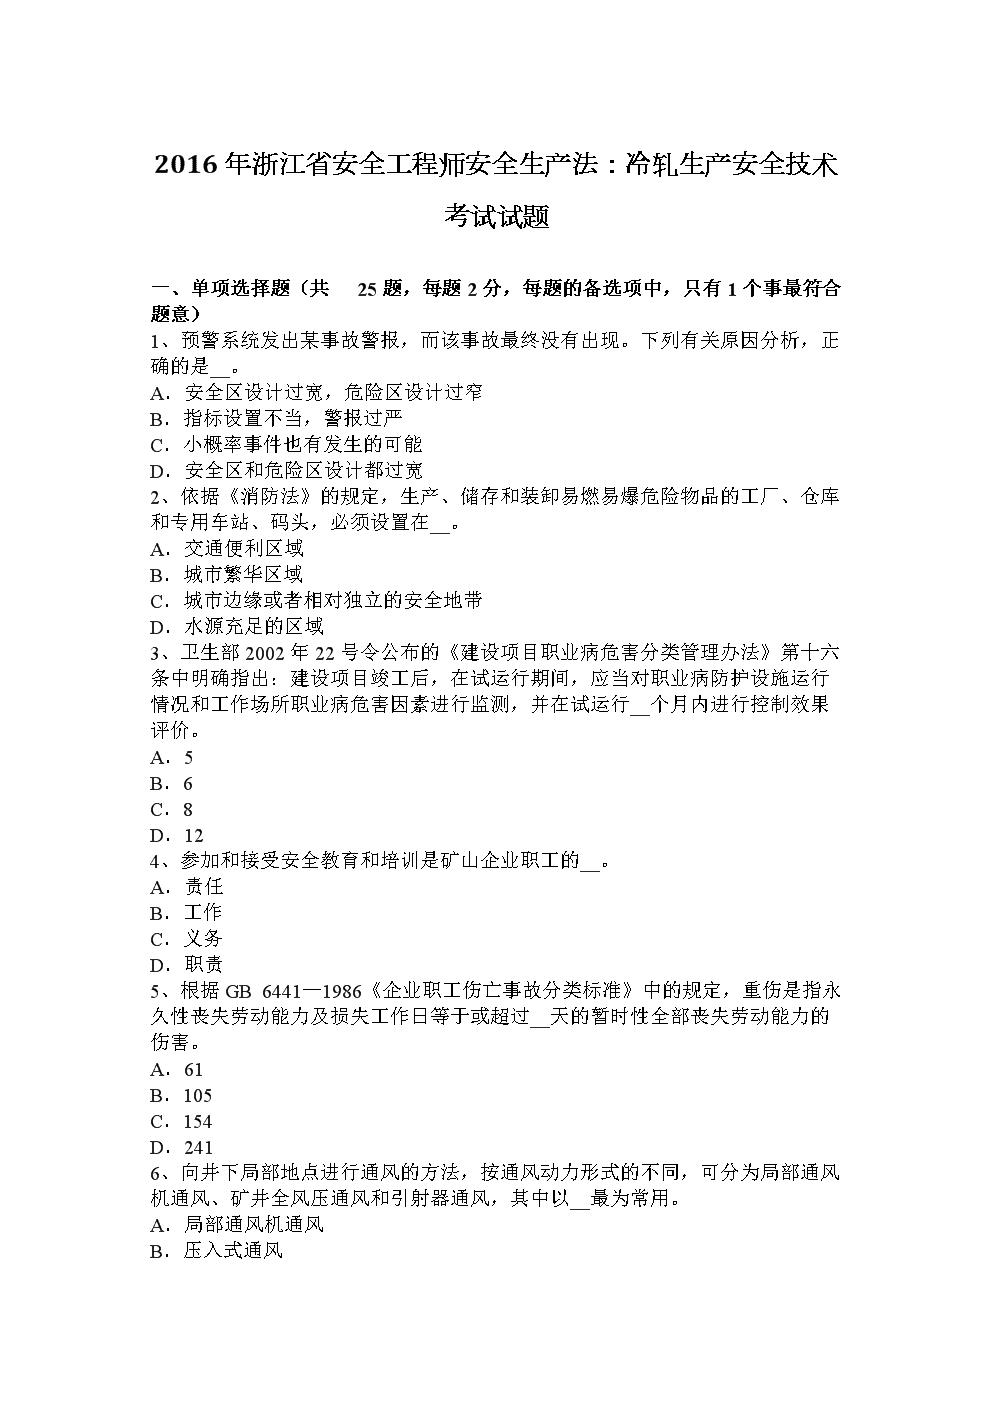 浙江省安全工程师安全生产法:冷轧生产安全技术考试试题.docx